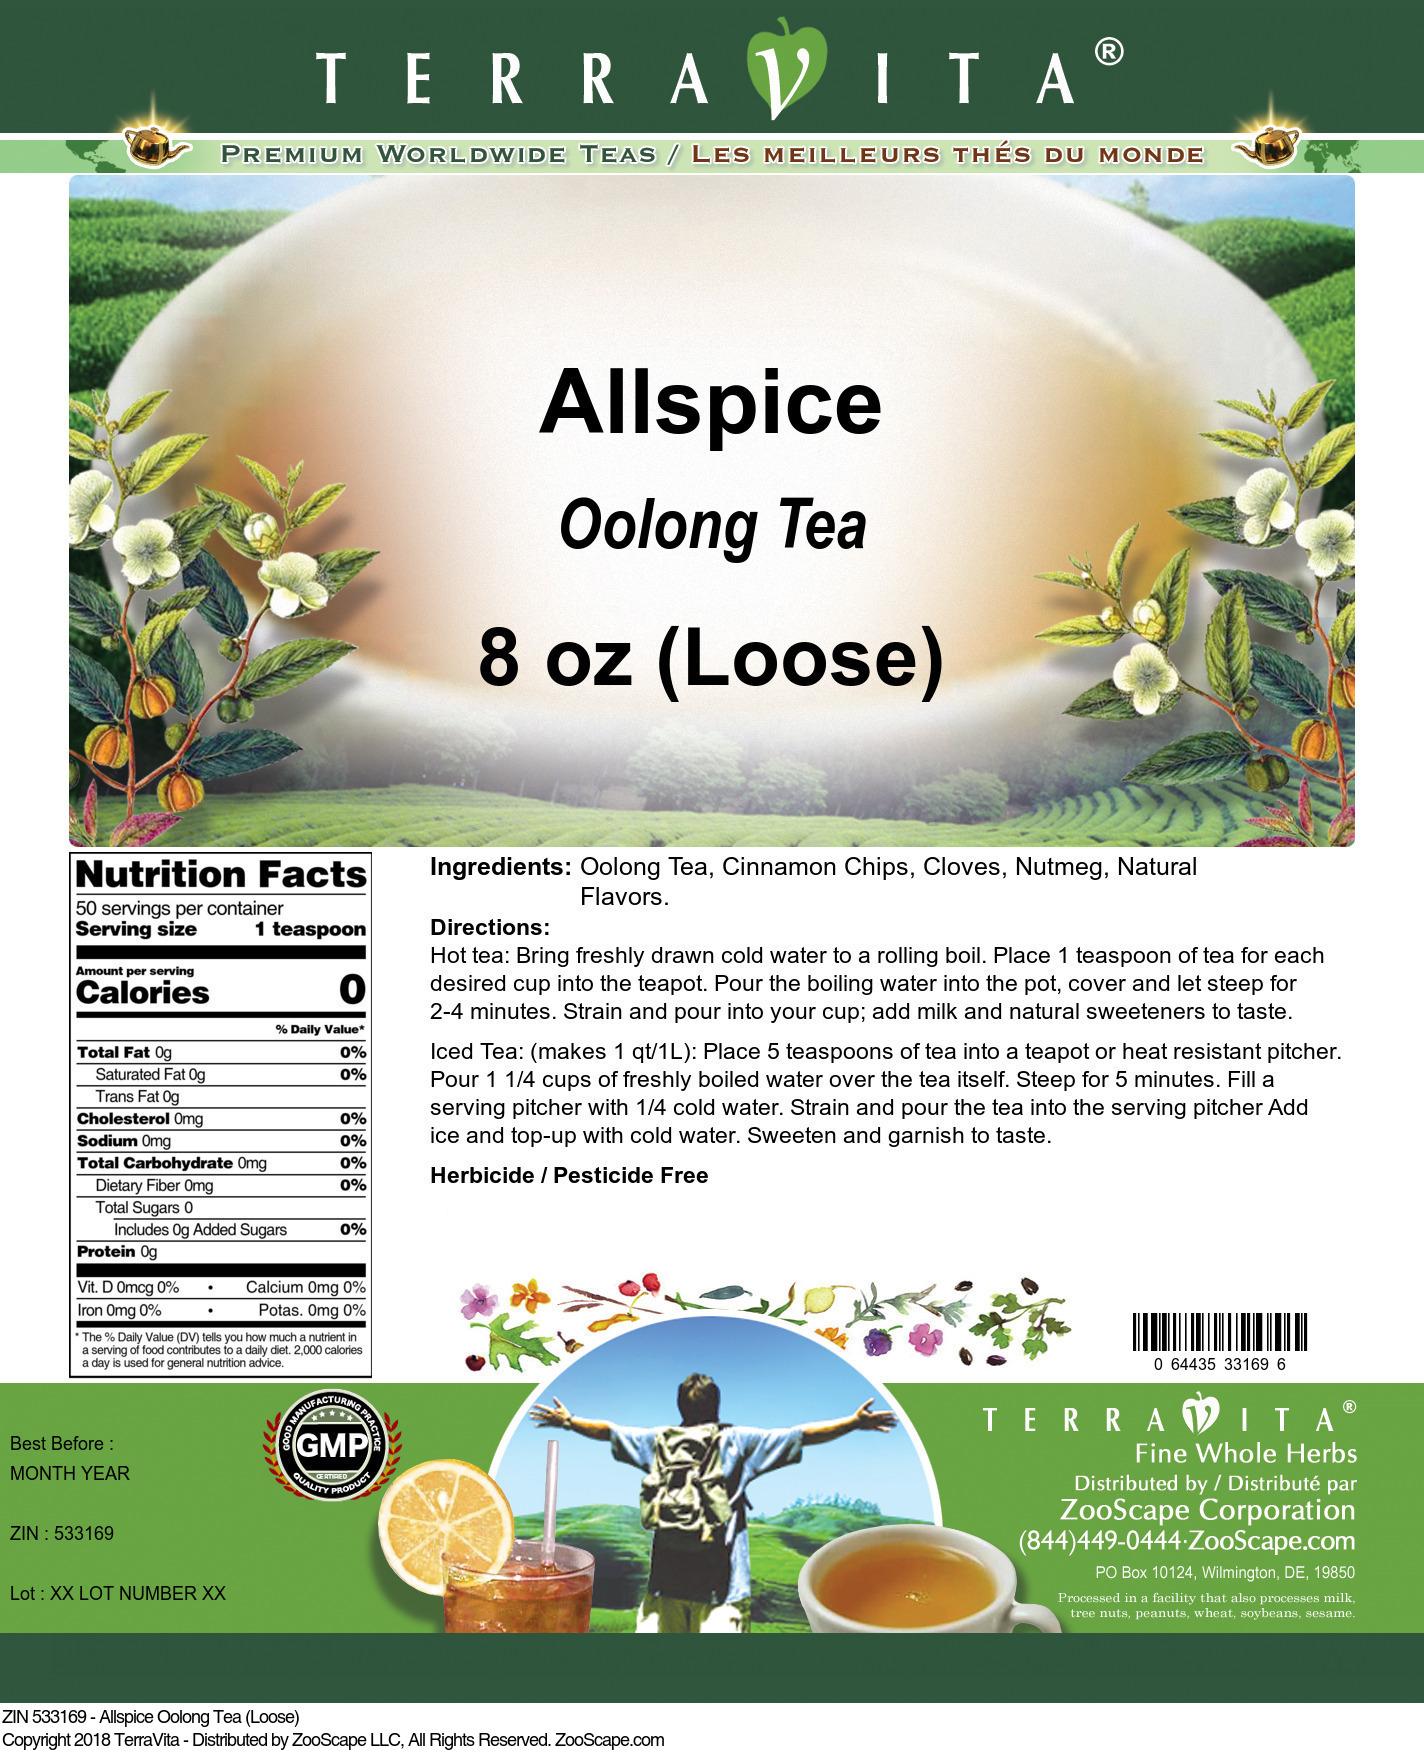 Allspice Oolong Tea